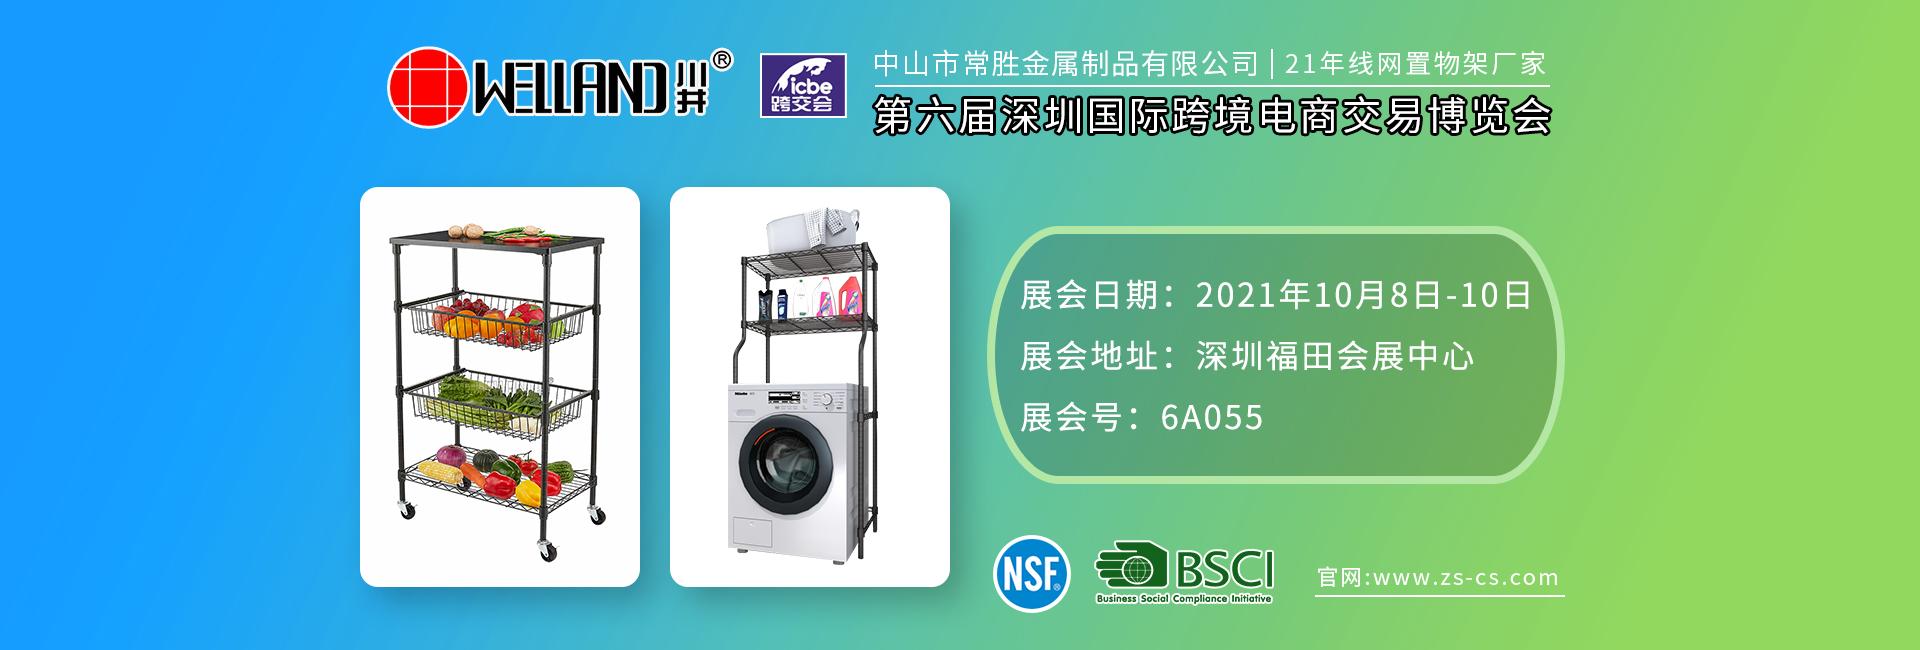 深圳国际跨境电商交易博览会邀请函-川井